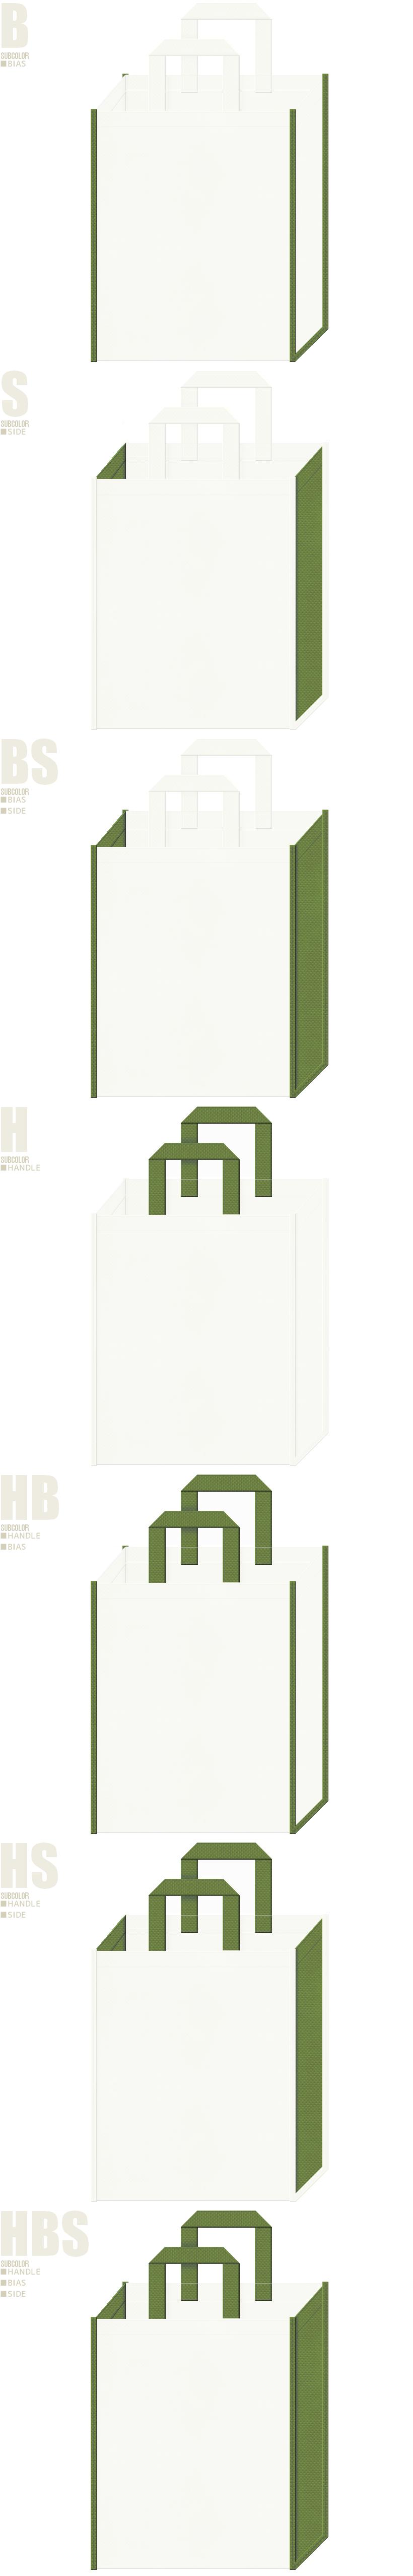 オフホワイト色と草色、7パターンの不織布トートバッグ配色デザイン例。和菓子見本市・和風商品、造園用品の展示会用バッグにお奨めです。